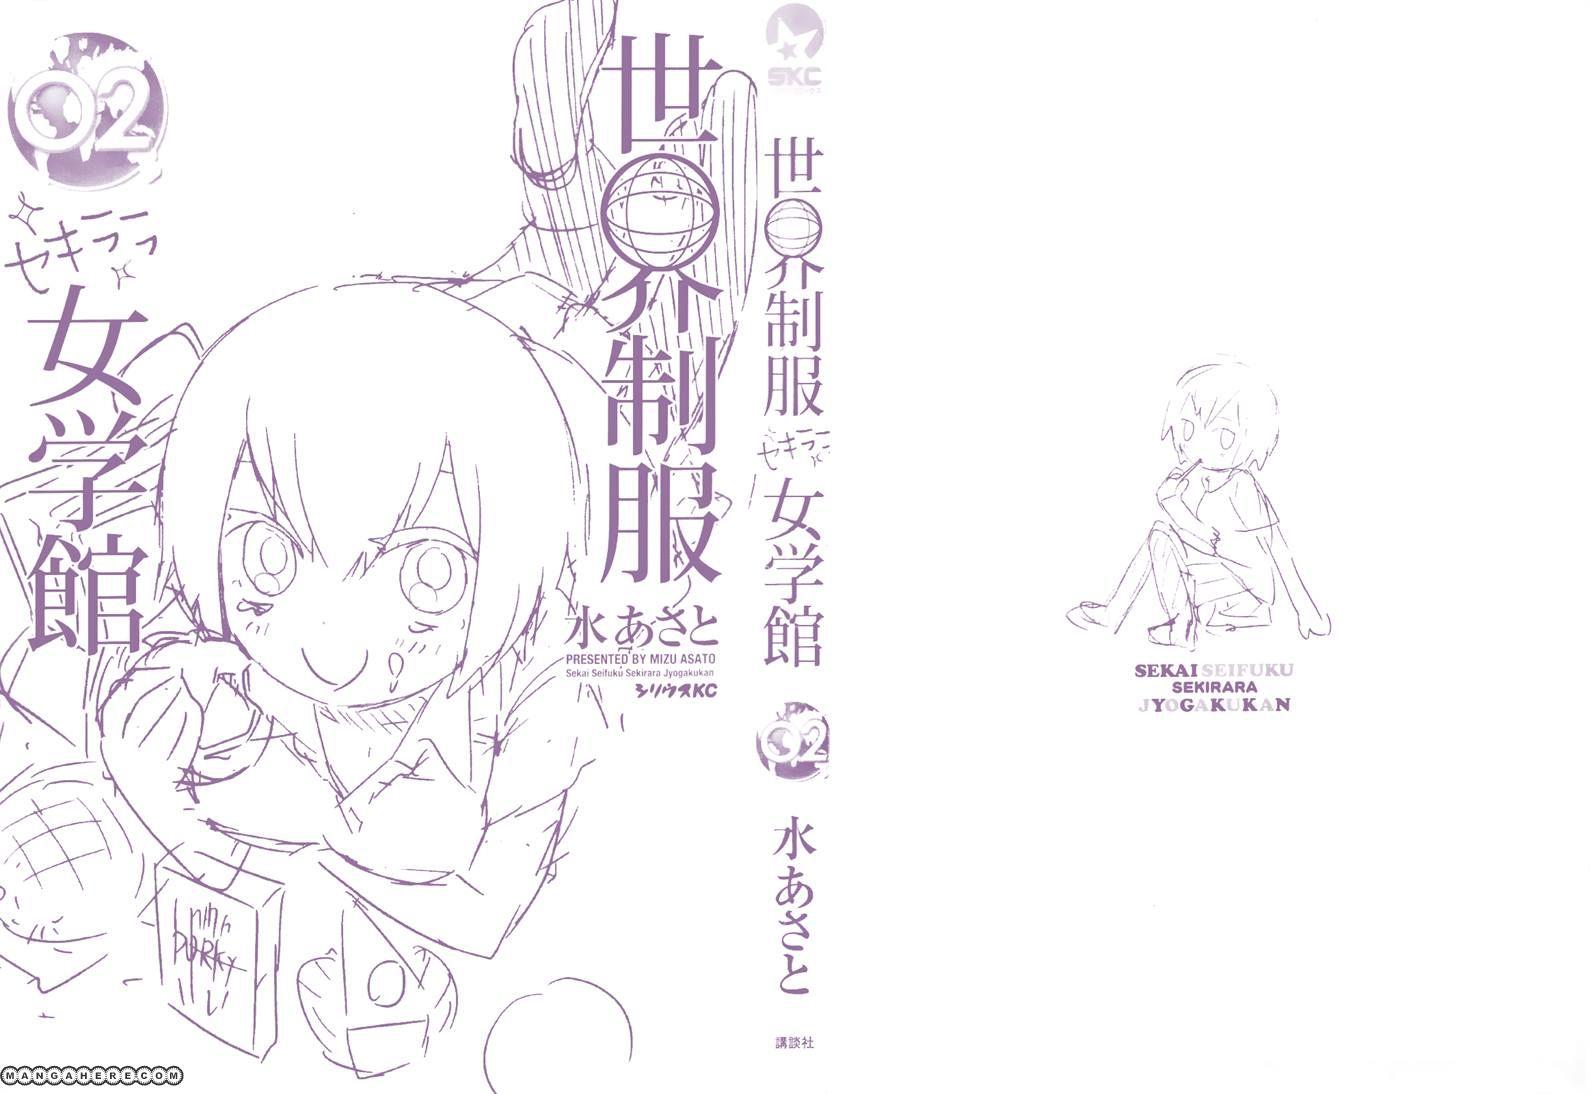 Sekai Seifuku Sekirara Jogakkan 11 Page 2